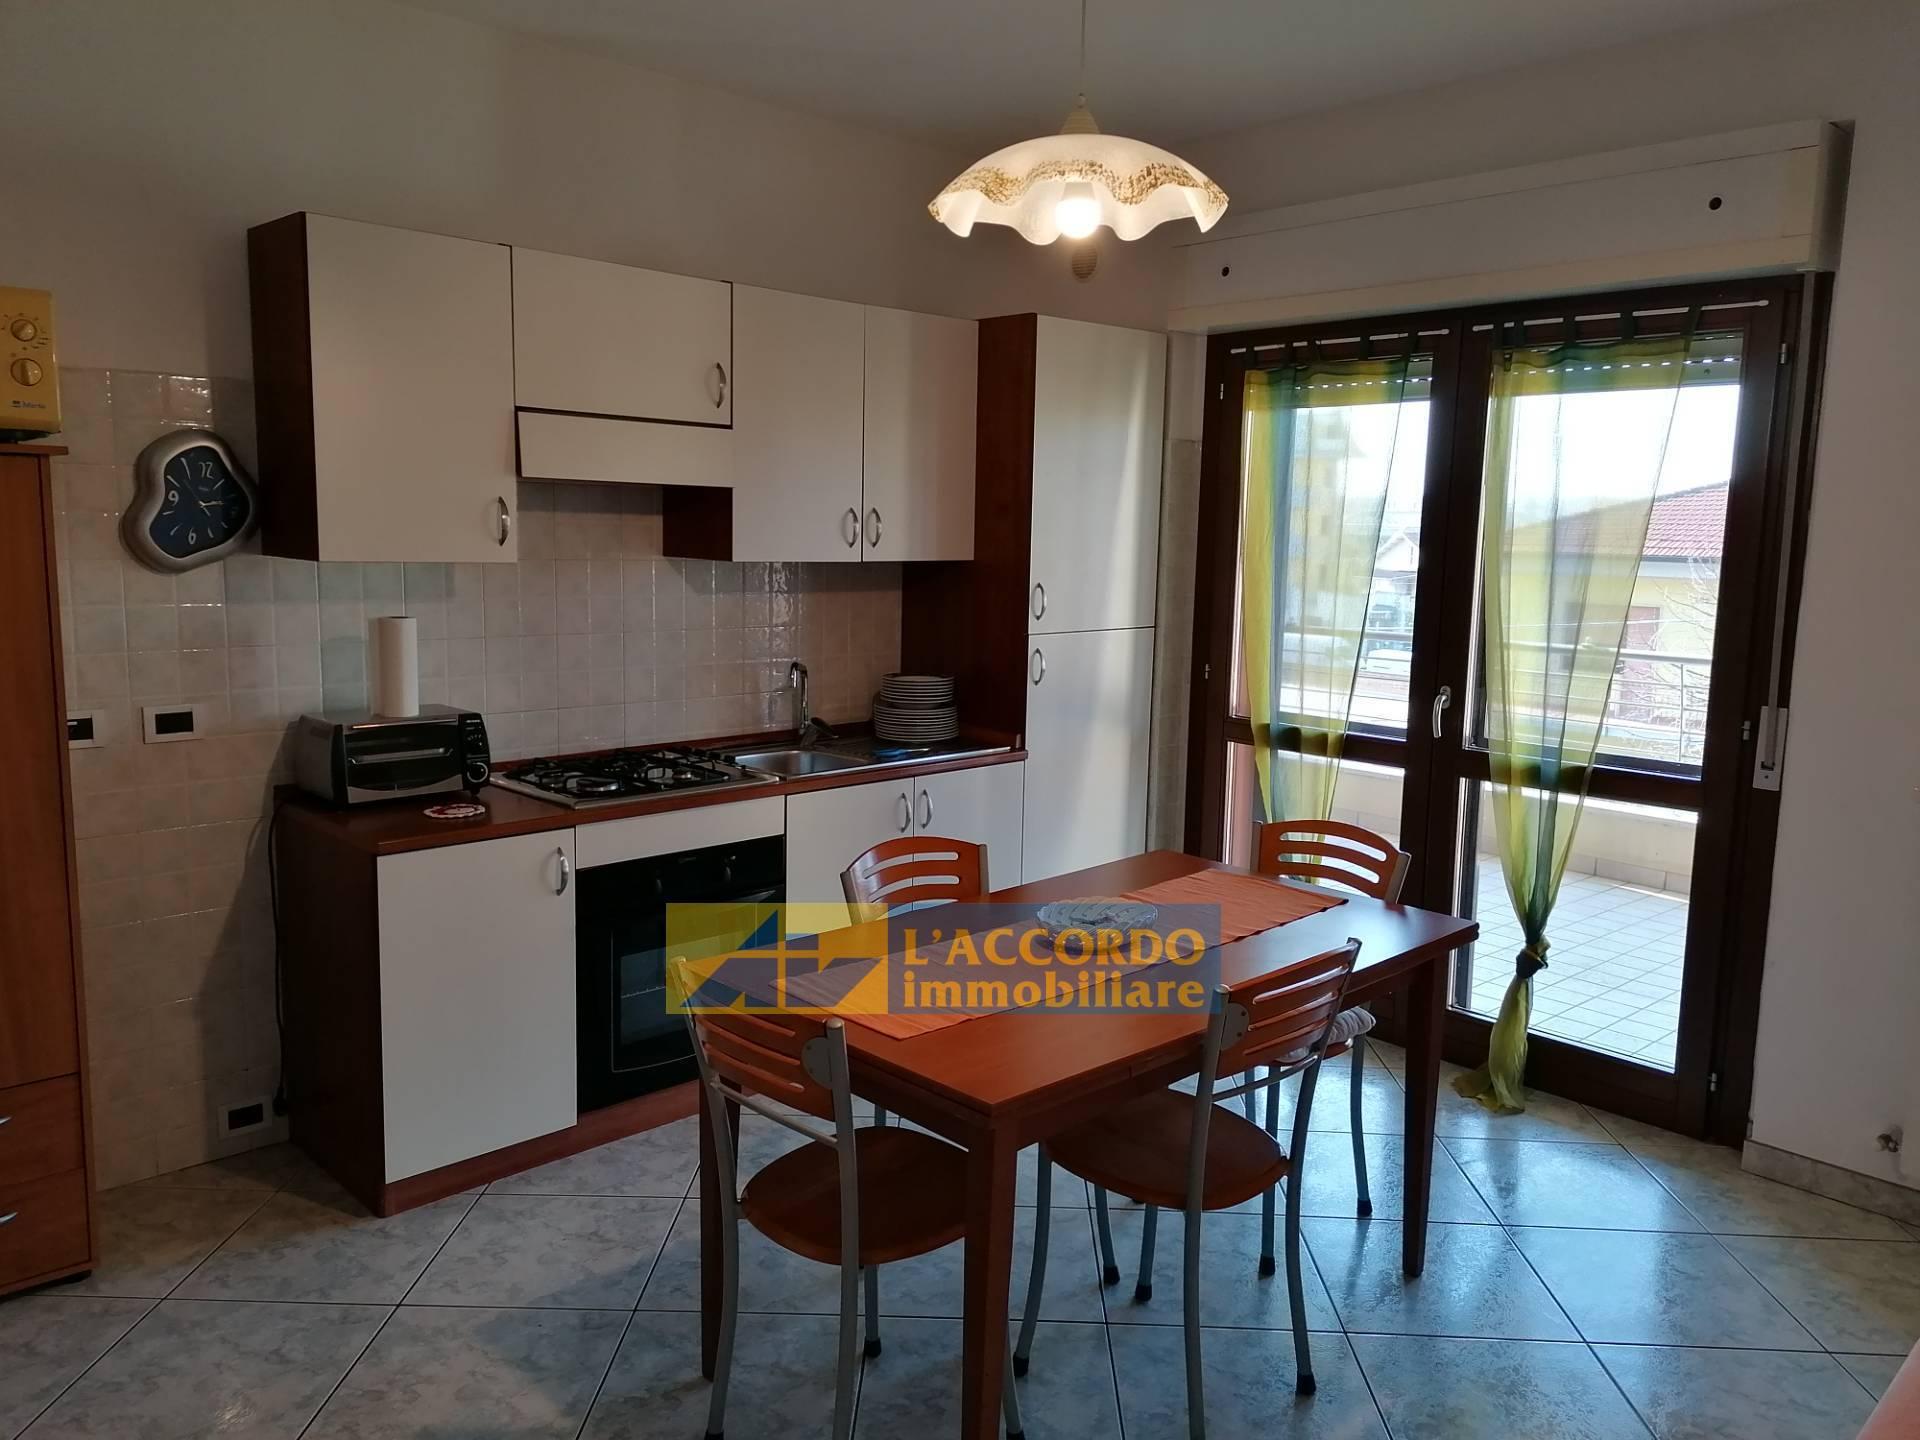 Appartamento in affitto a Chieti, 5 locali, zona Località: MadonnadellePiane, prezzo € 500   CambioCasa.it